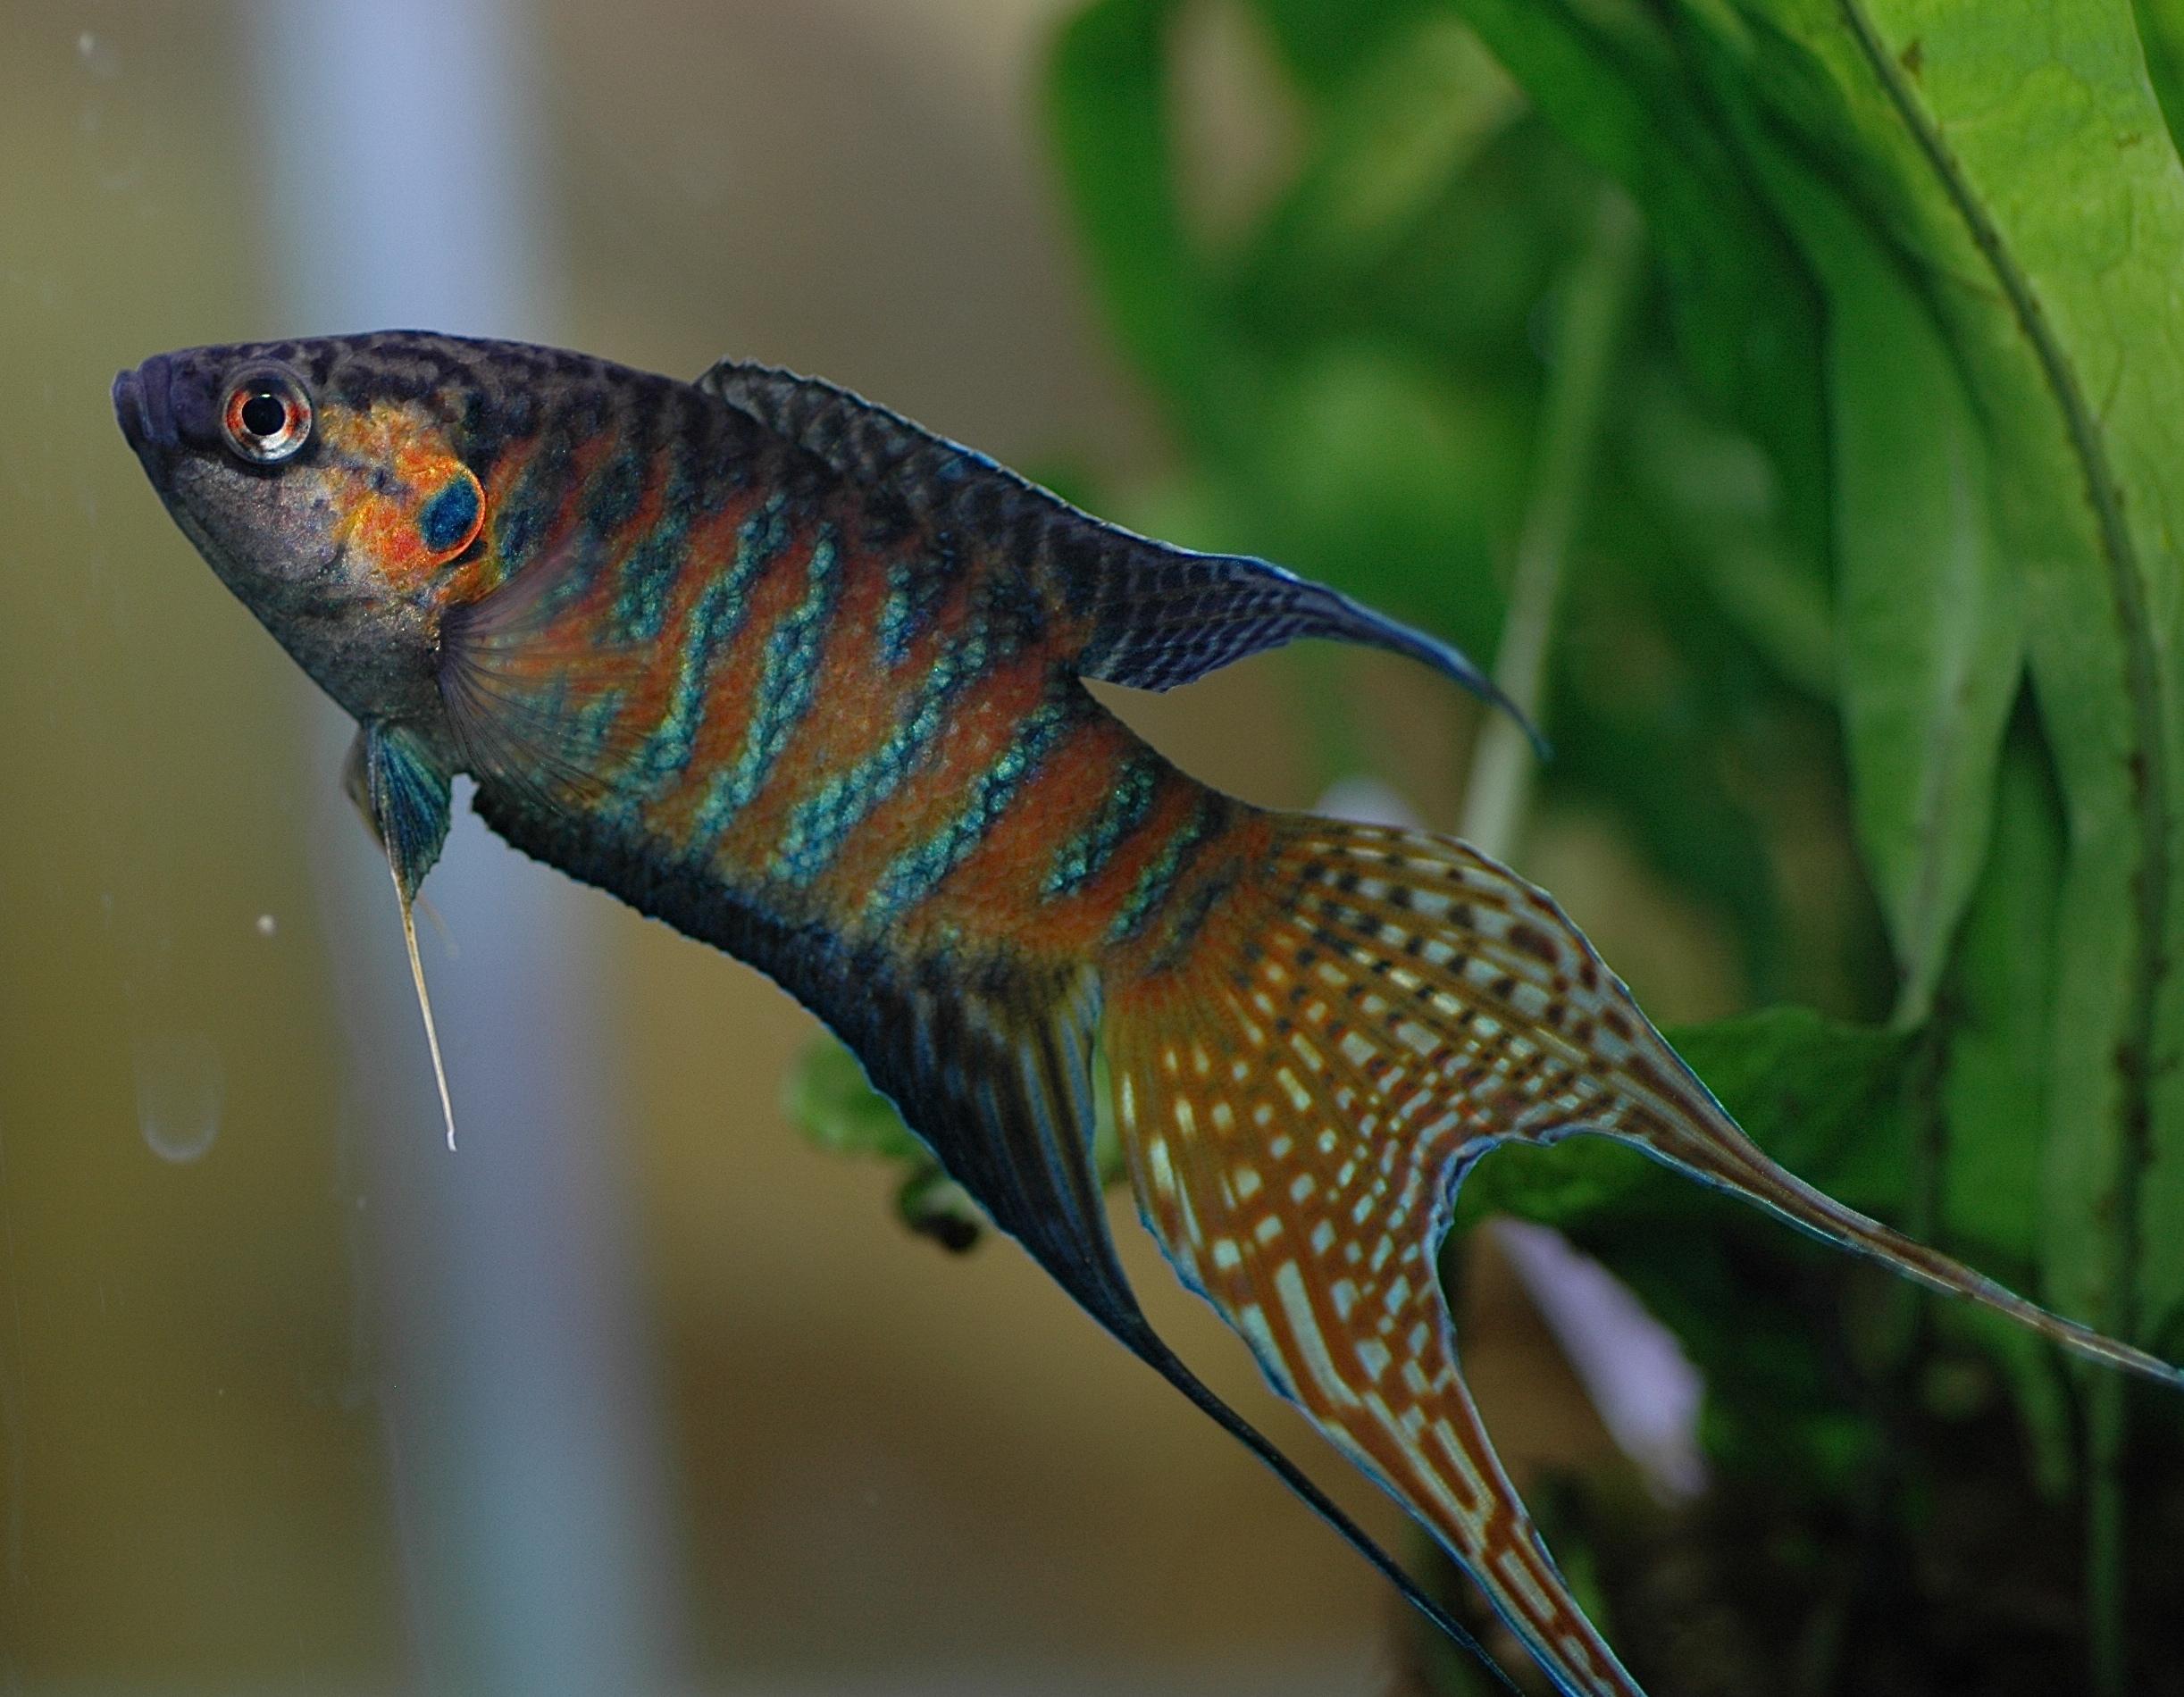 Albino Paradise Gourami, paradise-fish, paradisefish, paradise gourami, Macropodus opercularis